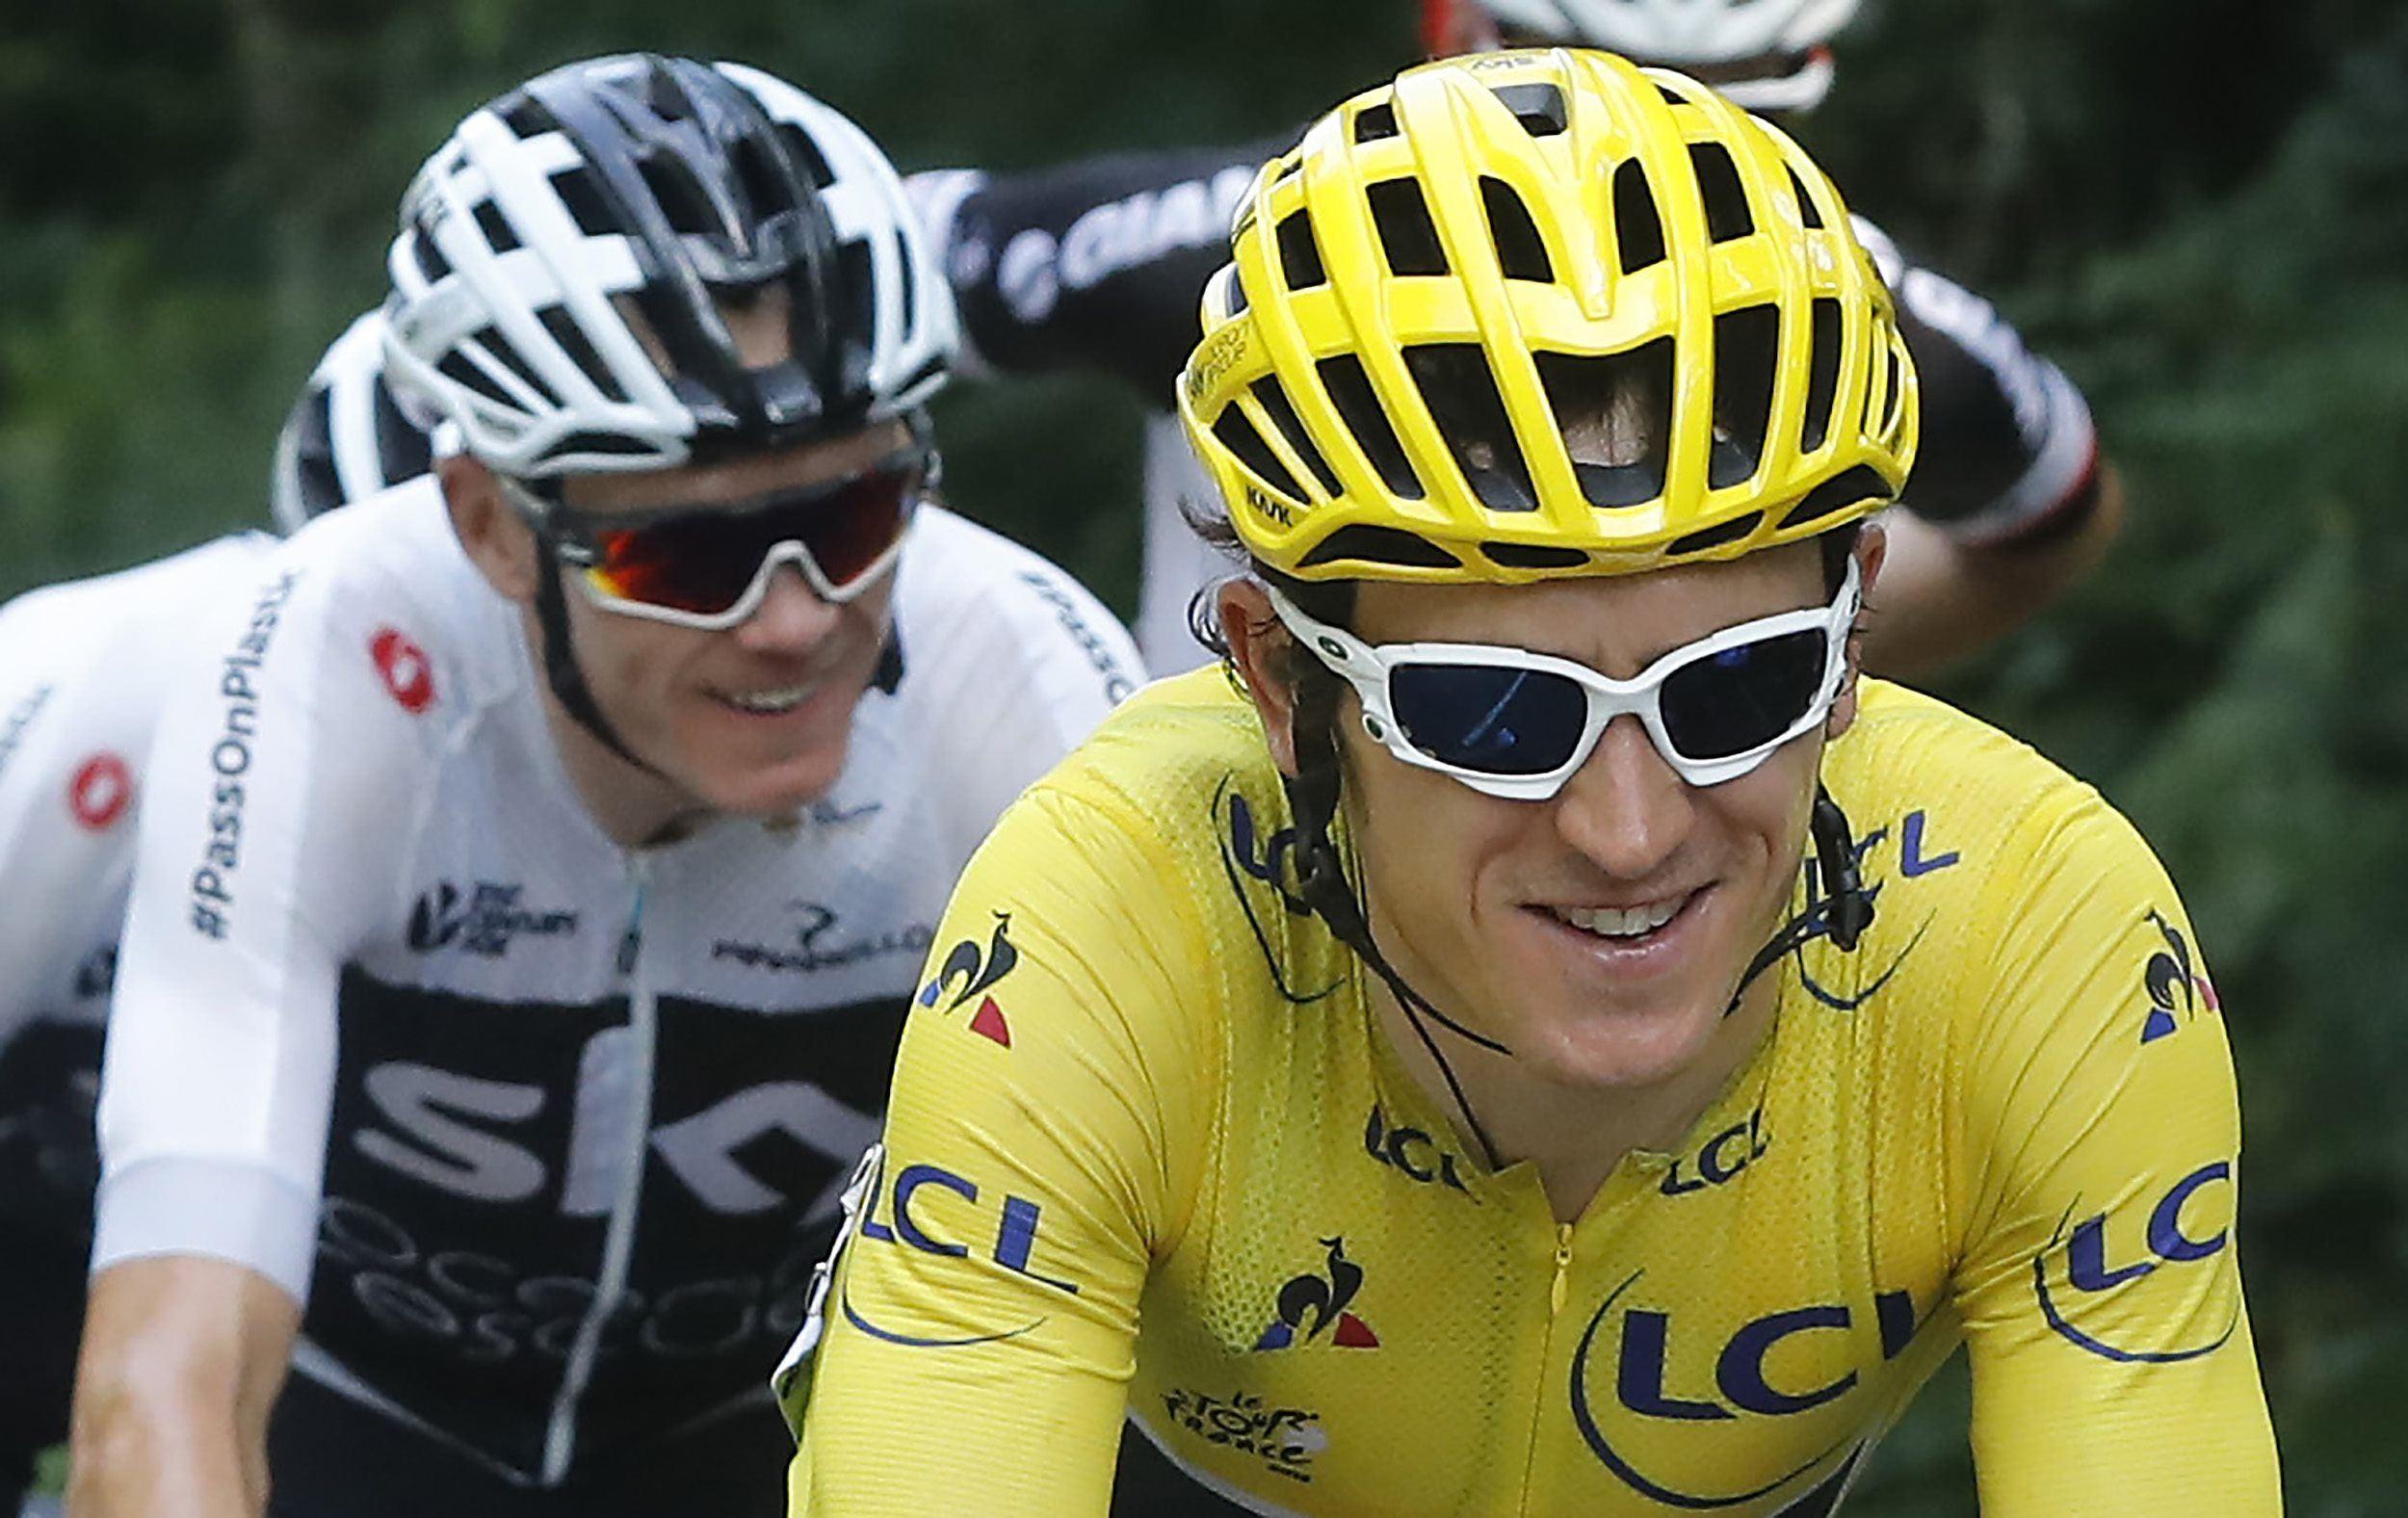 Cyclisme - Thomas zappe le Giro pour mieux penser au Tour de France